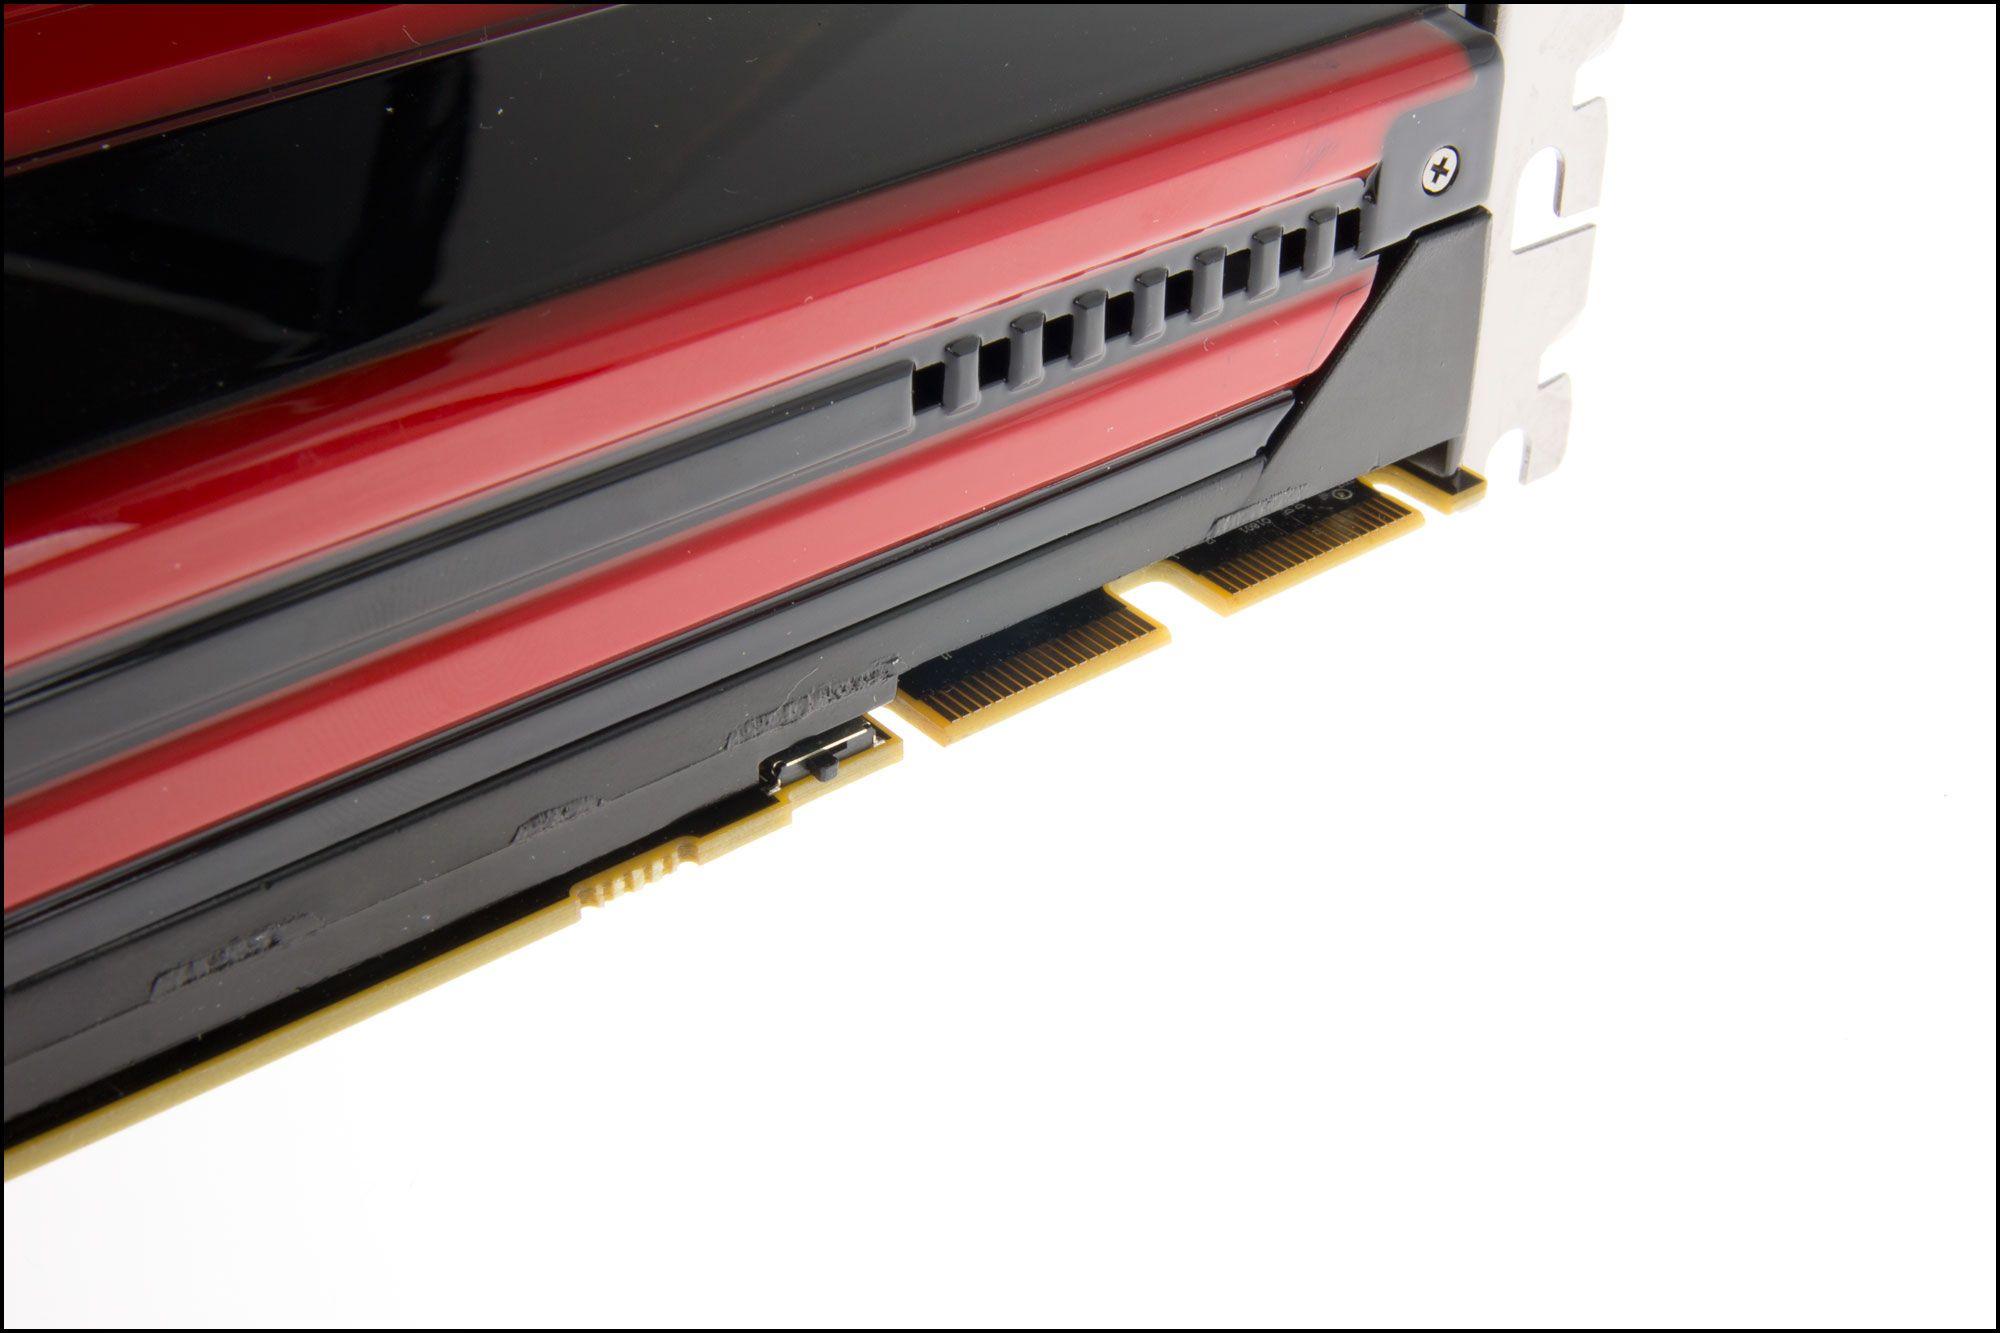 Ved Crossfire-kontaktene er det en bryter for å bytte BIOS